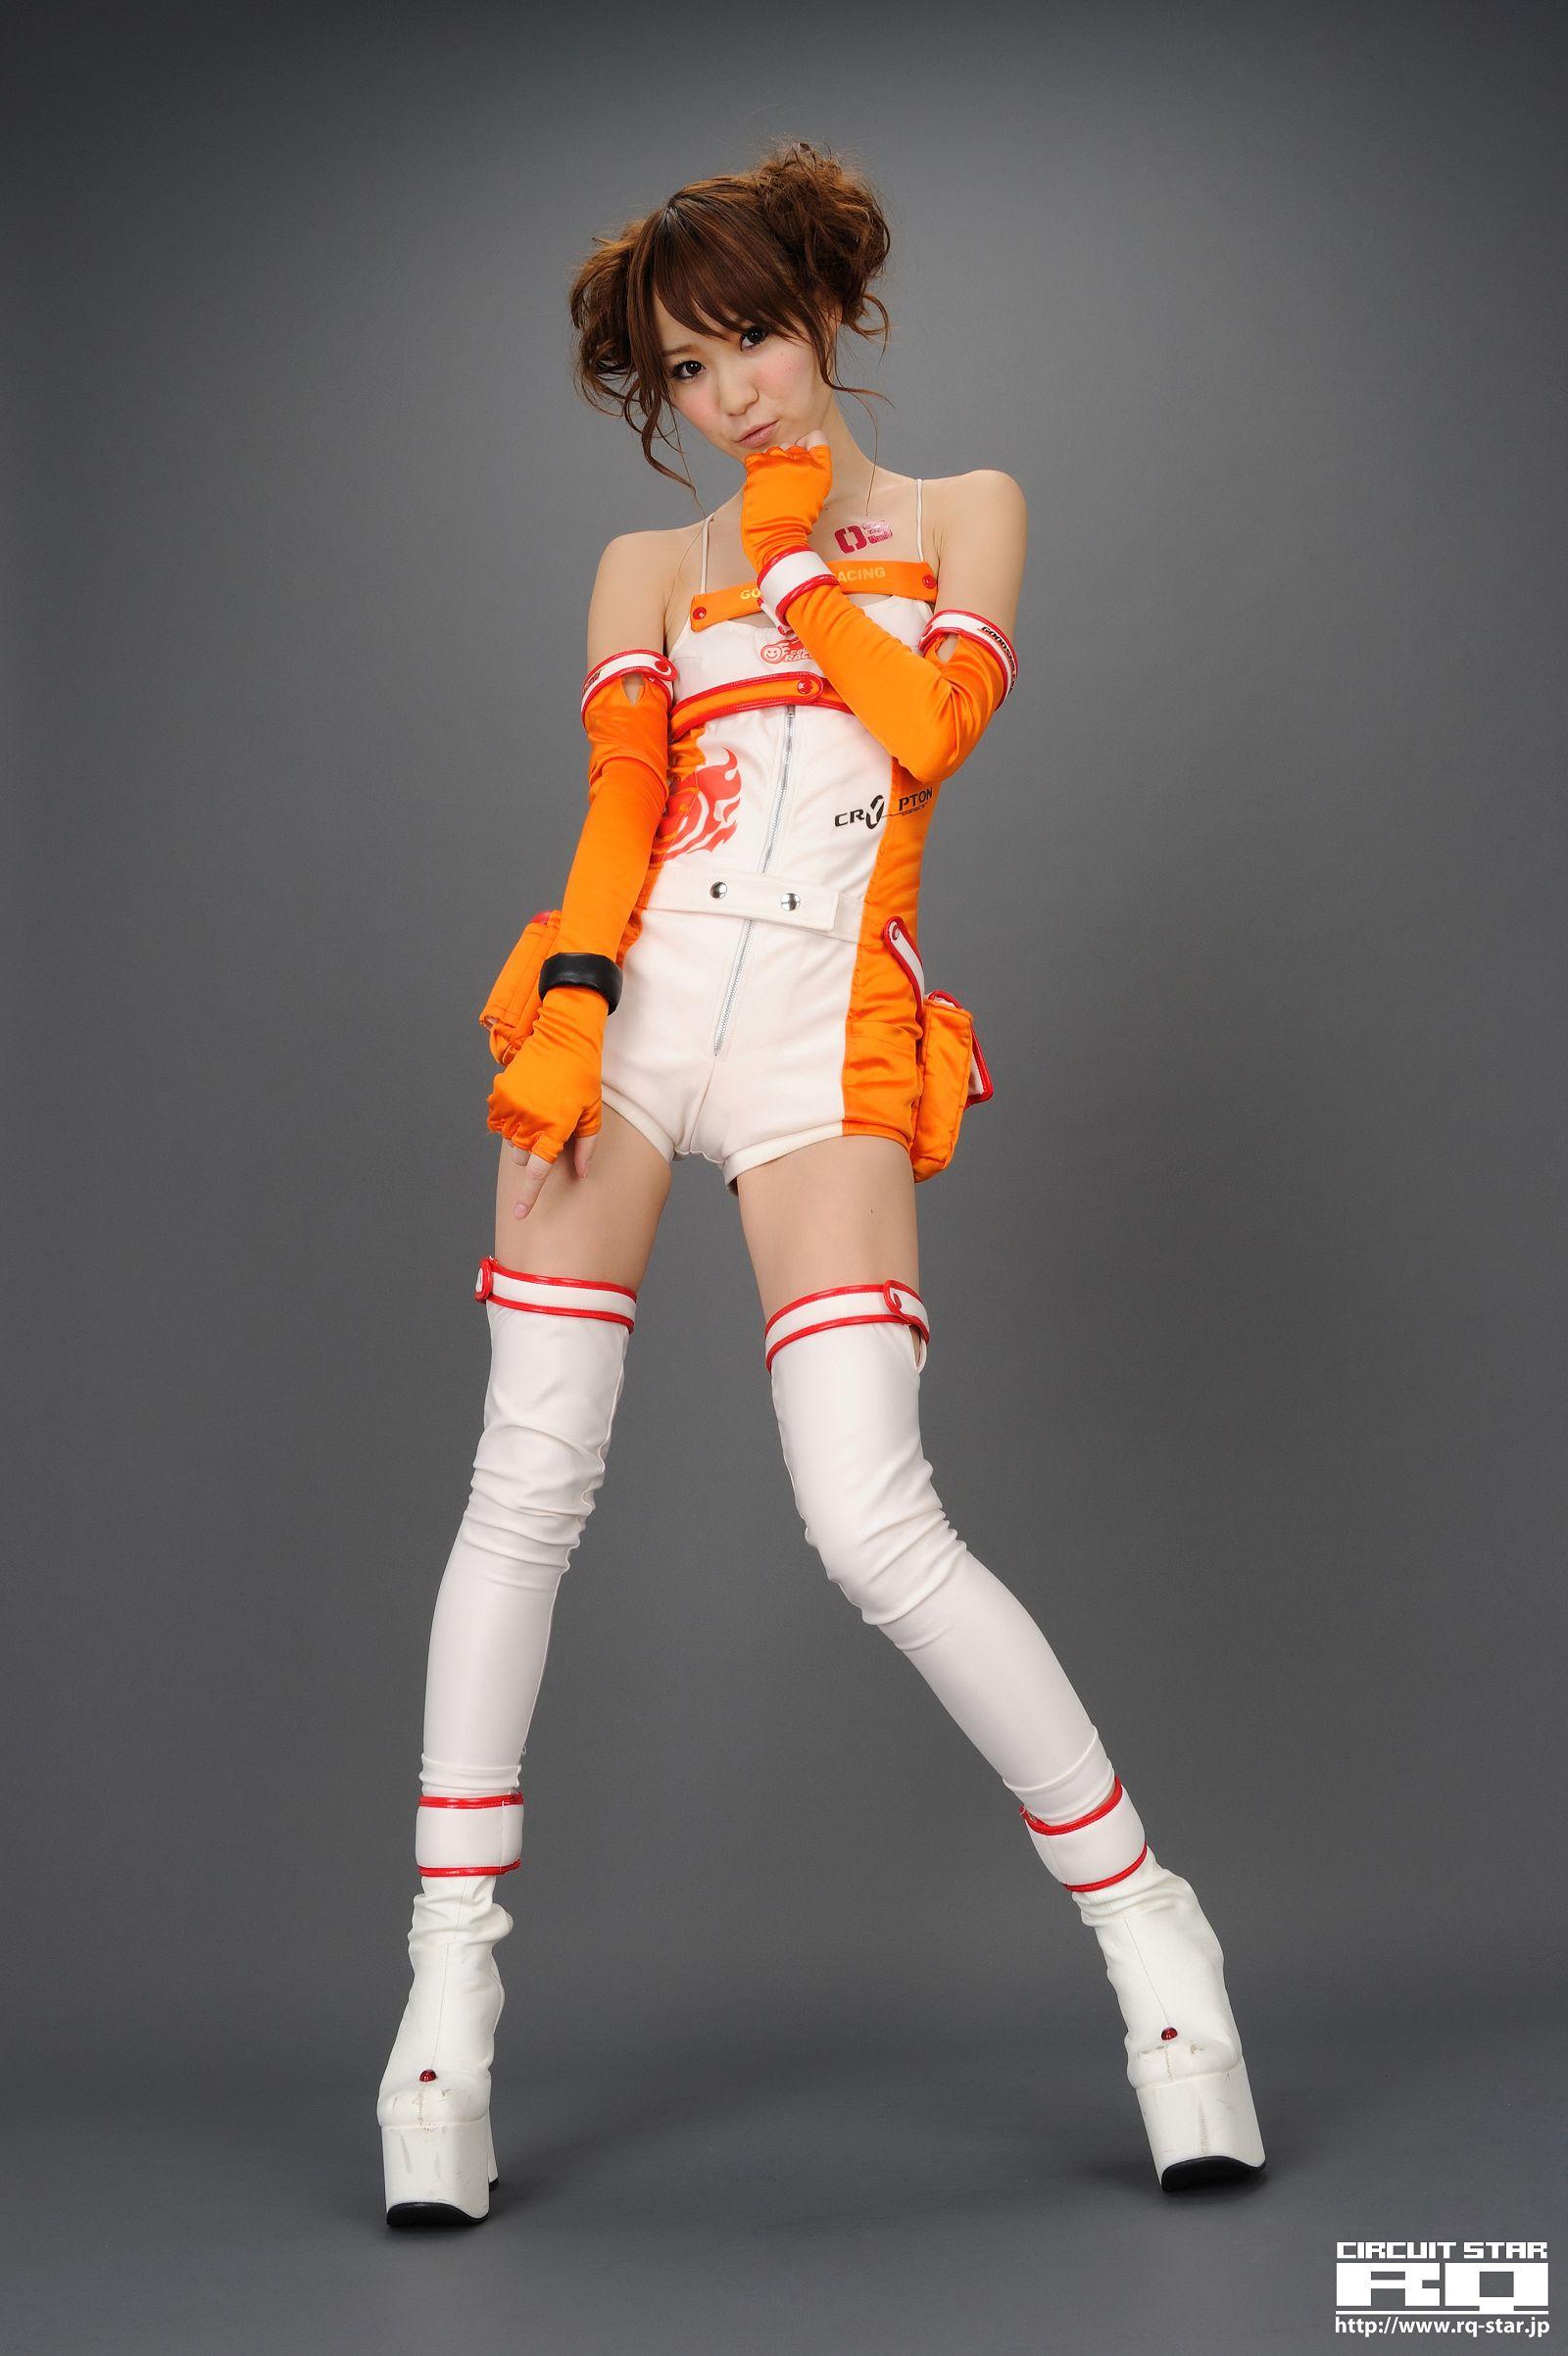 [RQ-STAR美女] NO.0424 Shihomi Ogoshi 小越しほみ Race Queen2